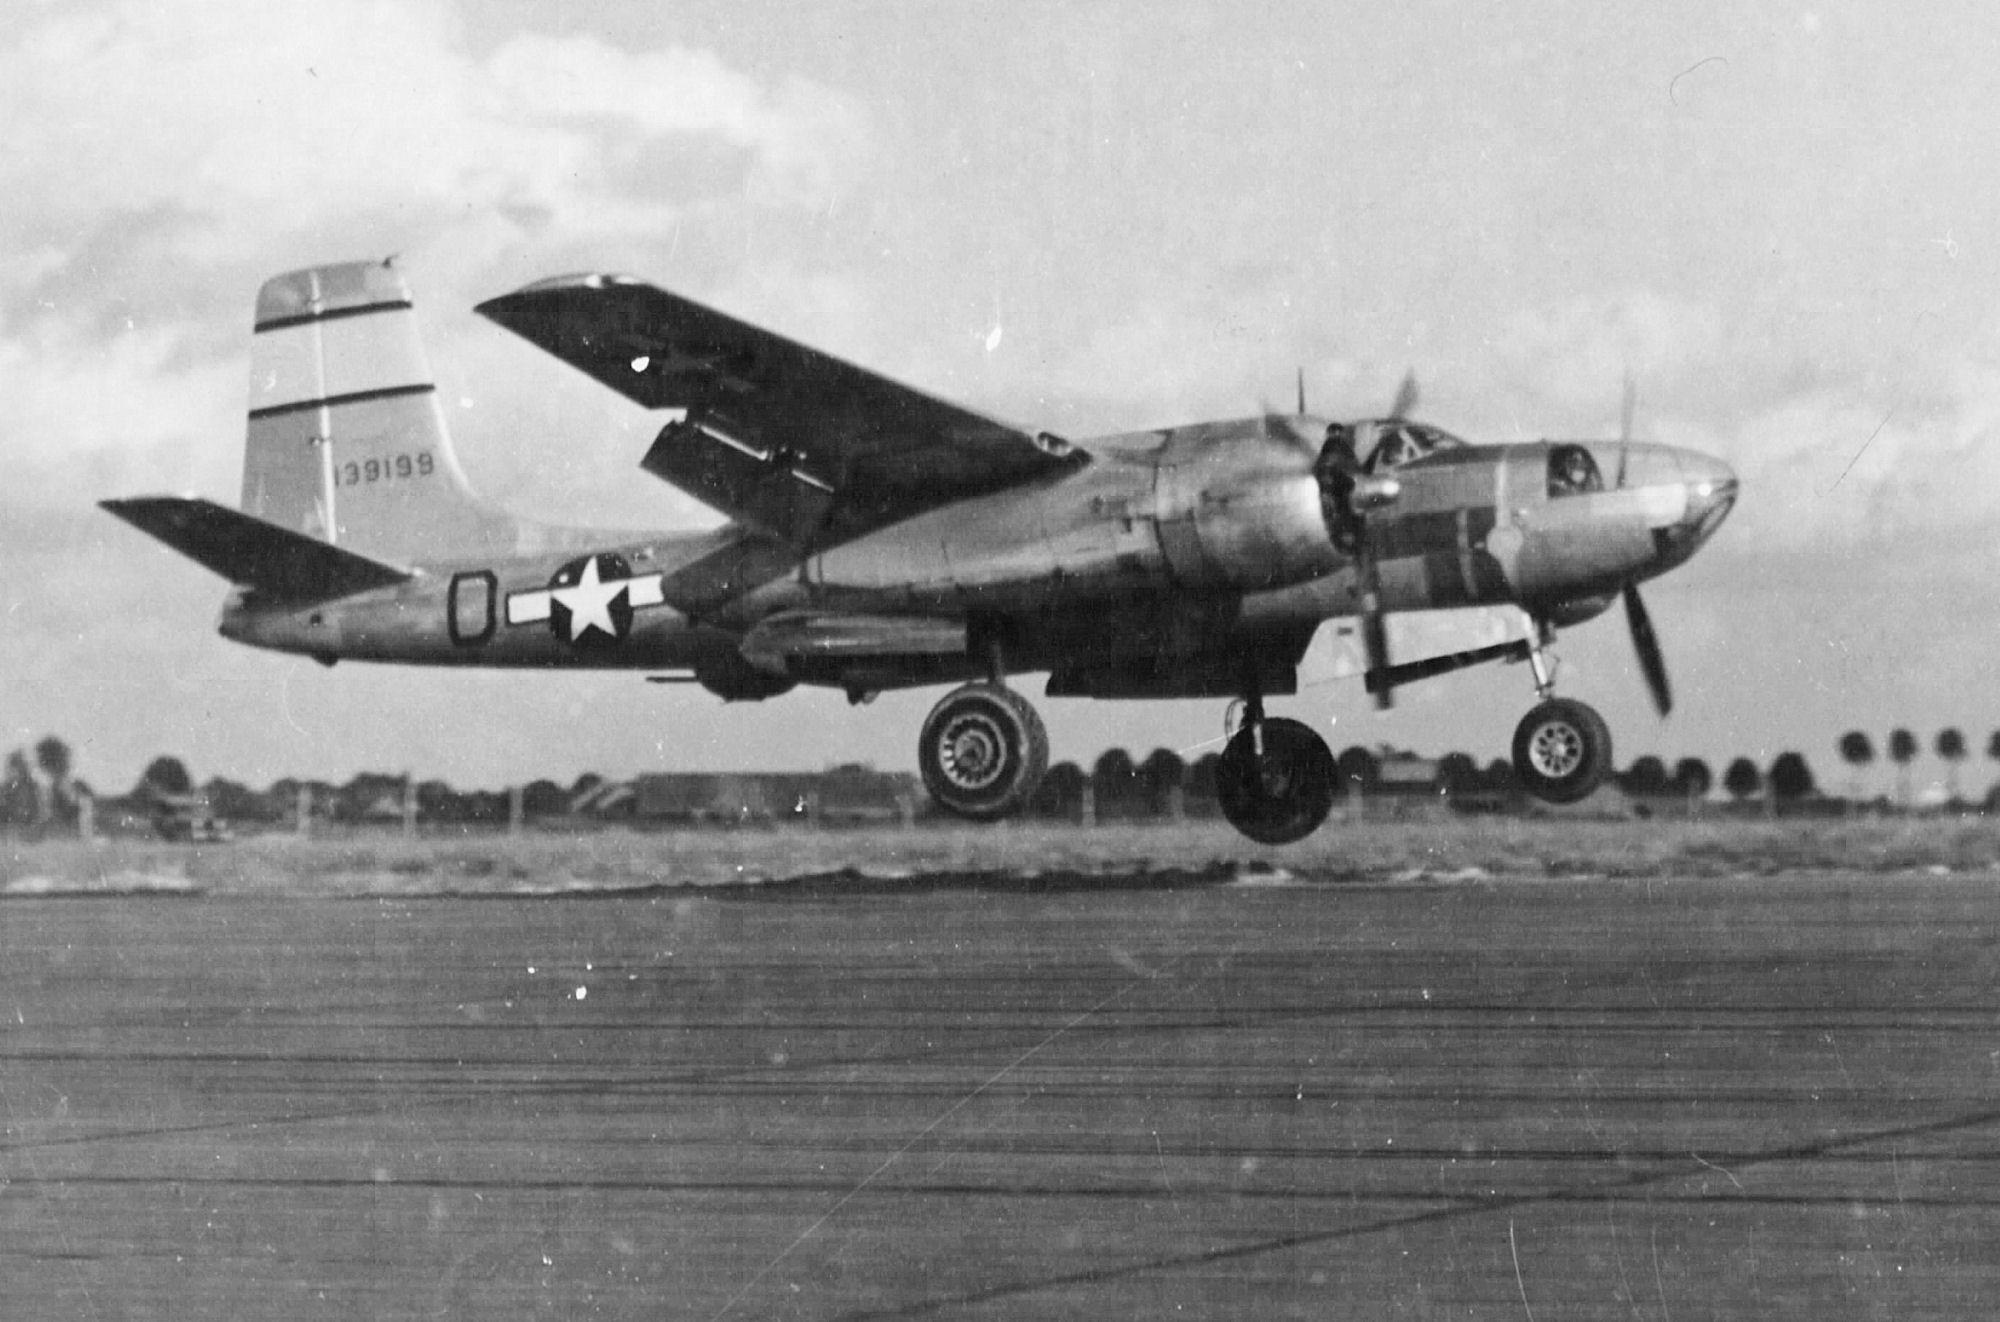 553d_Bombardment_Squadron_A-26_Invader.j